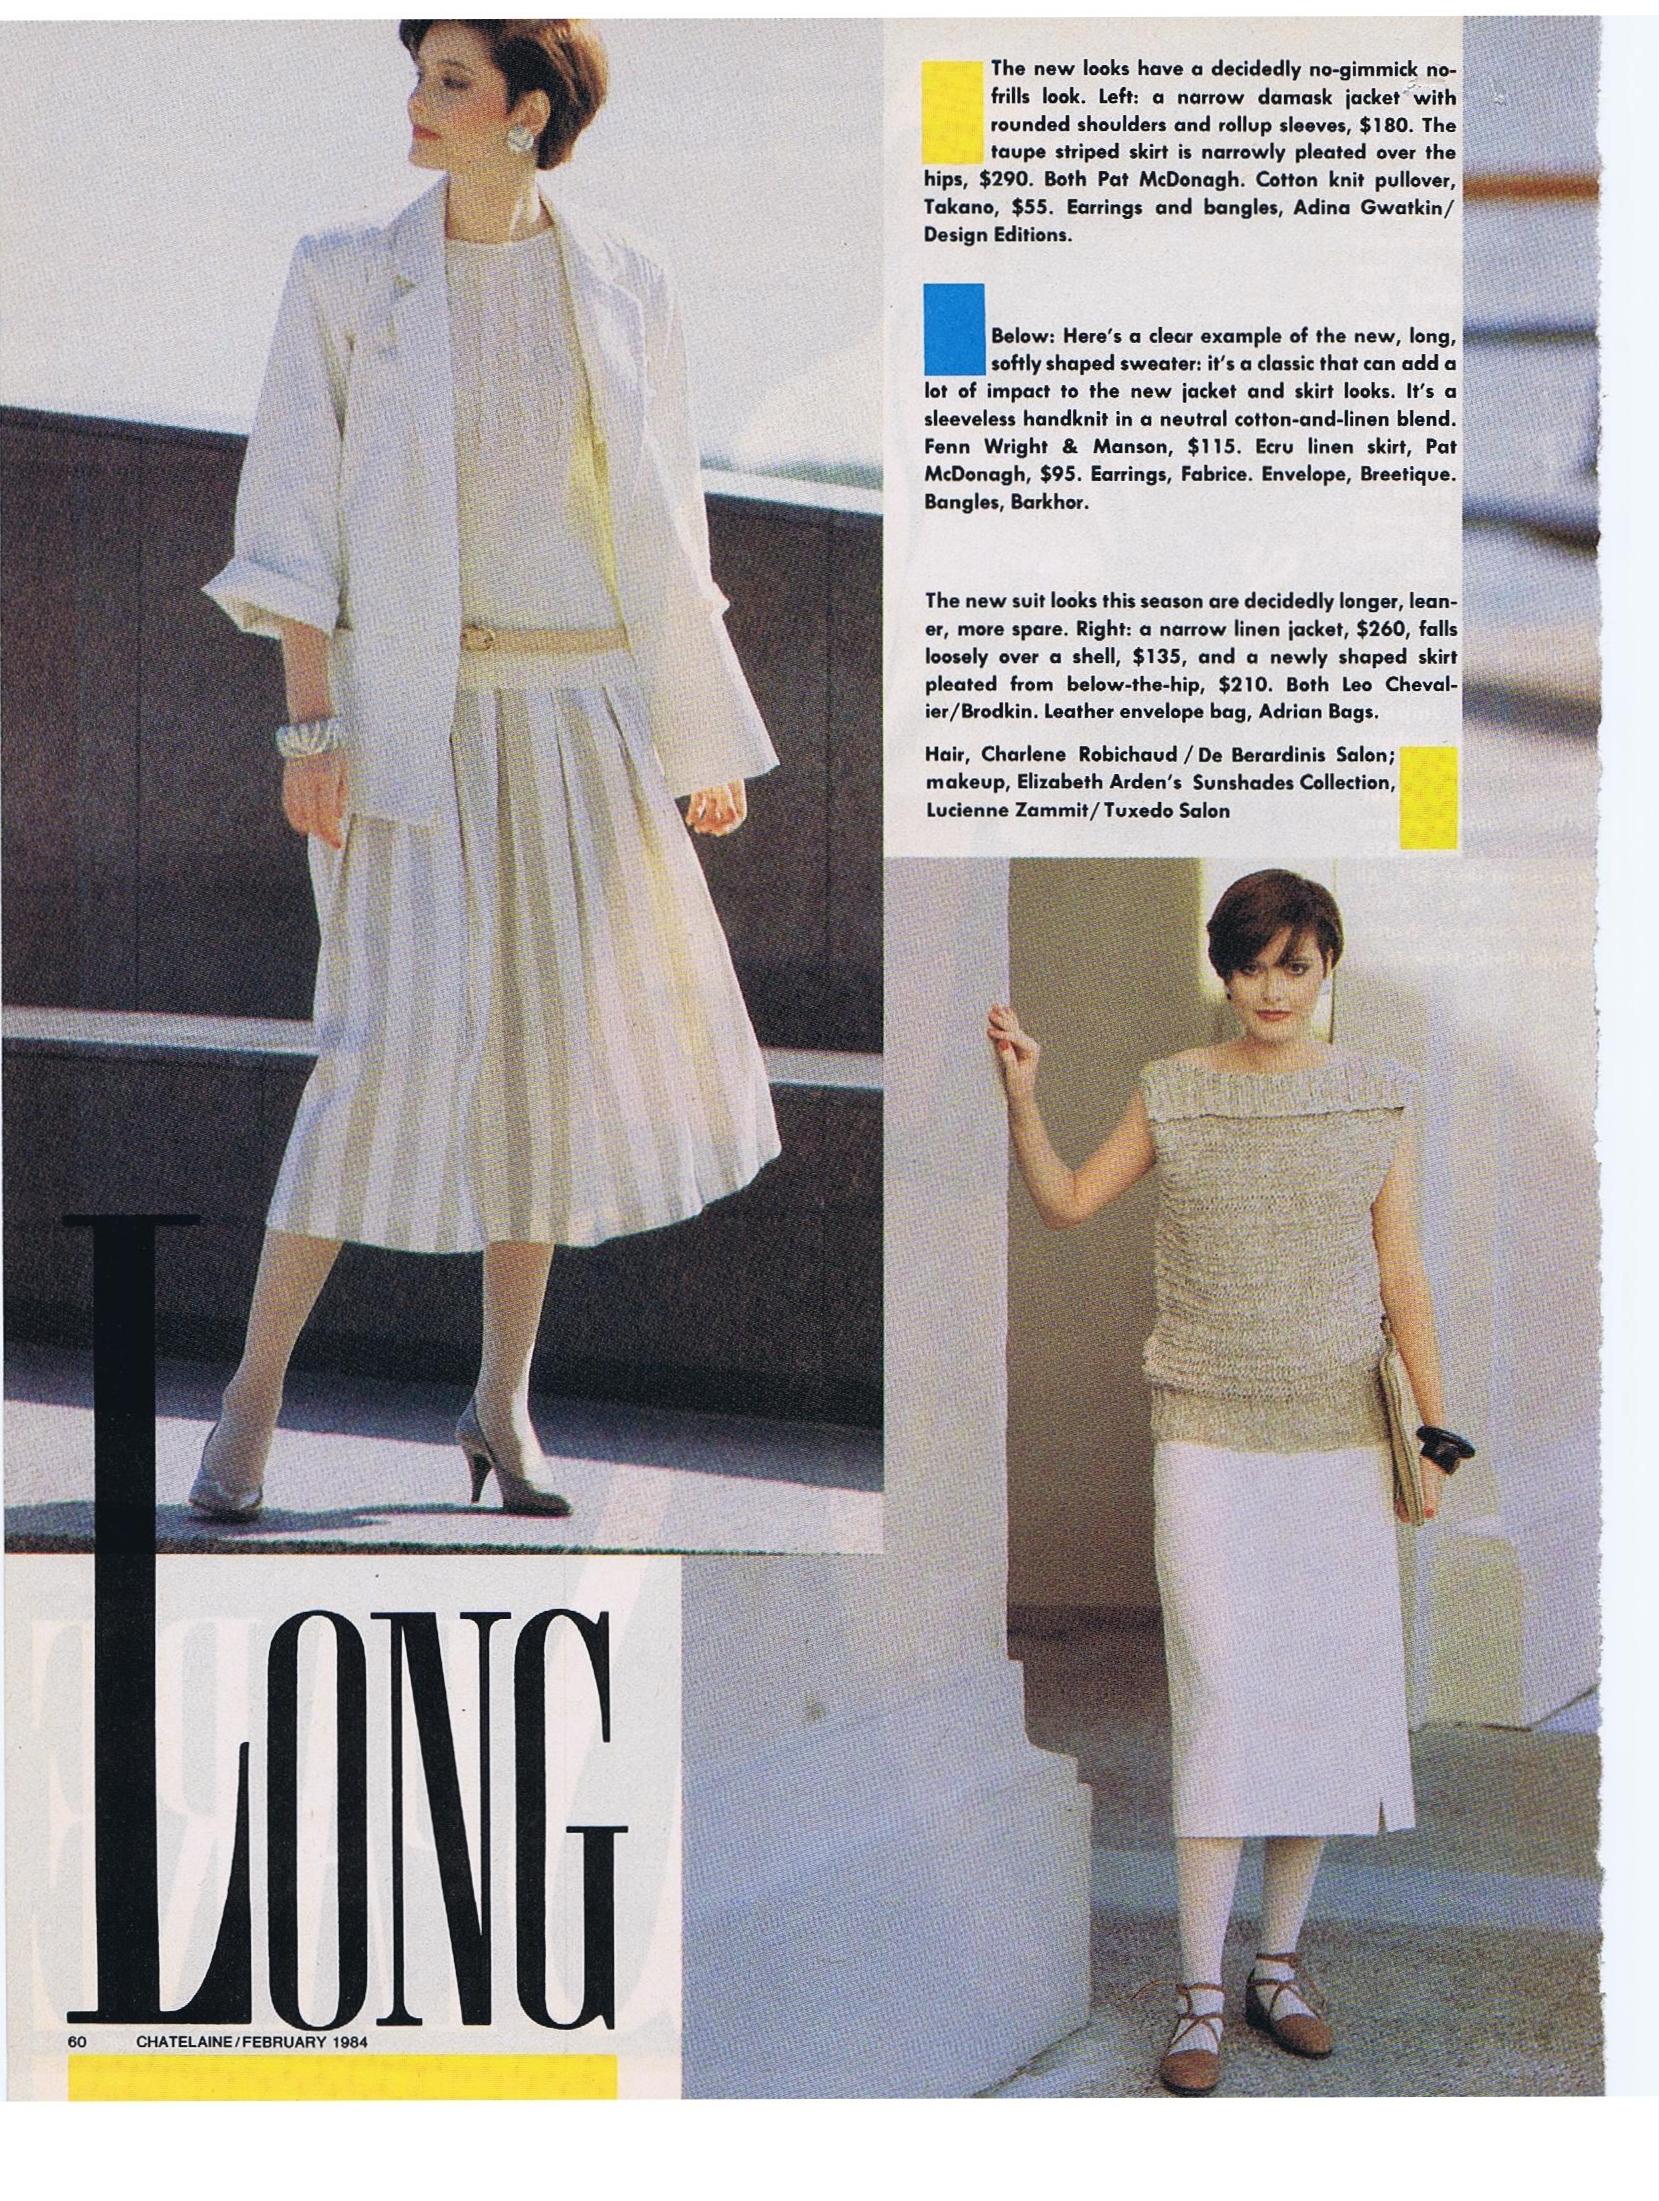 9b5057c9d3d35 CHATELAINE FEBRUARY 1984